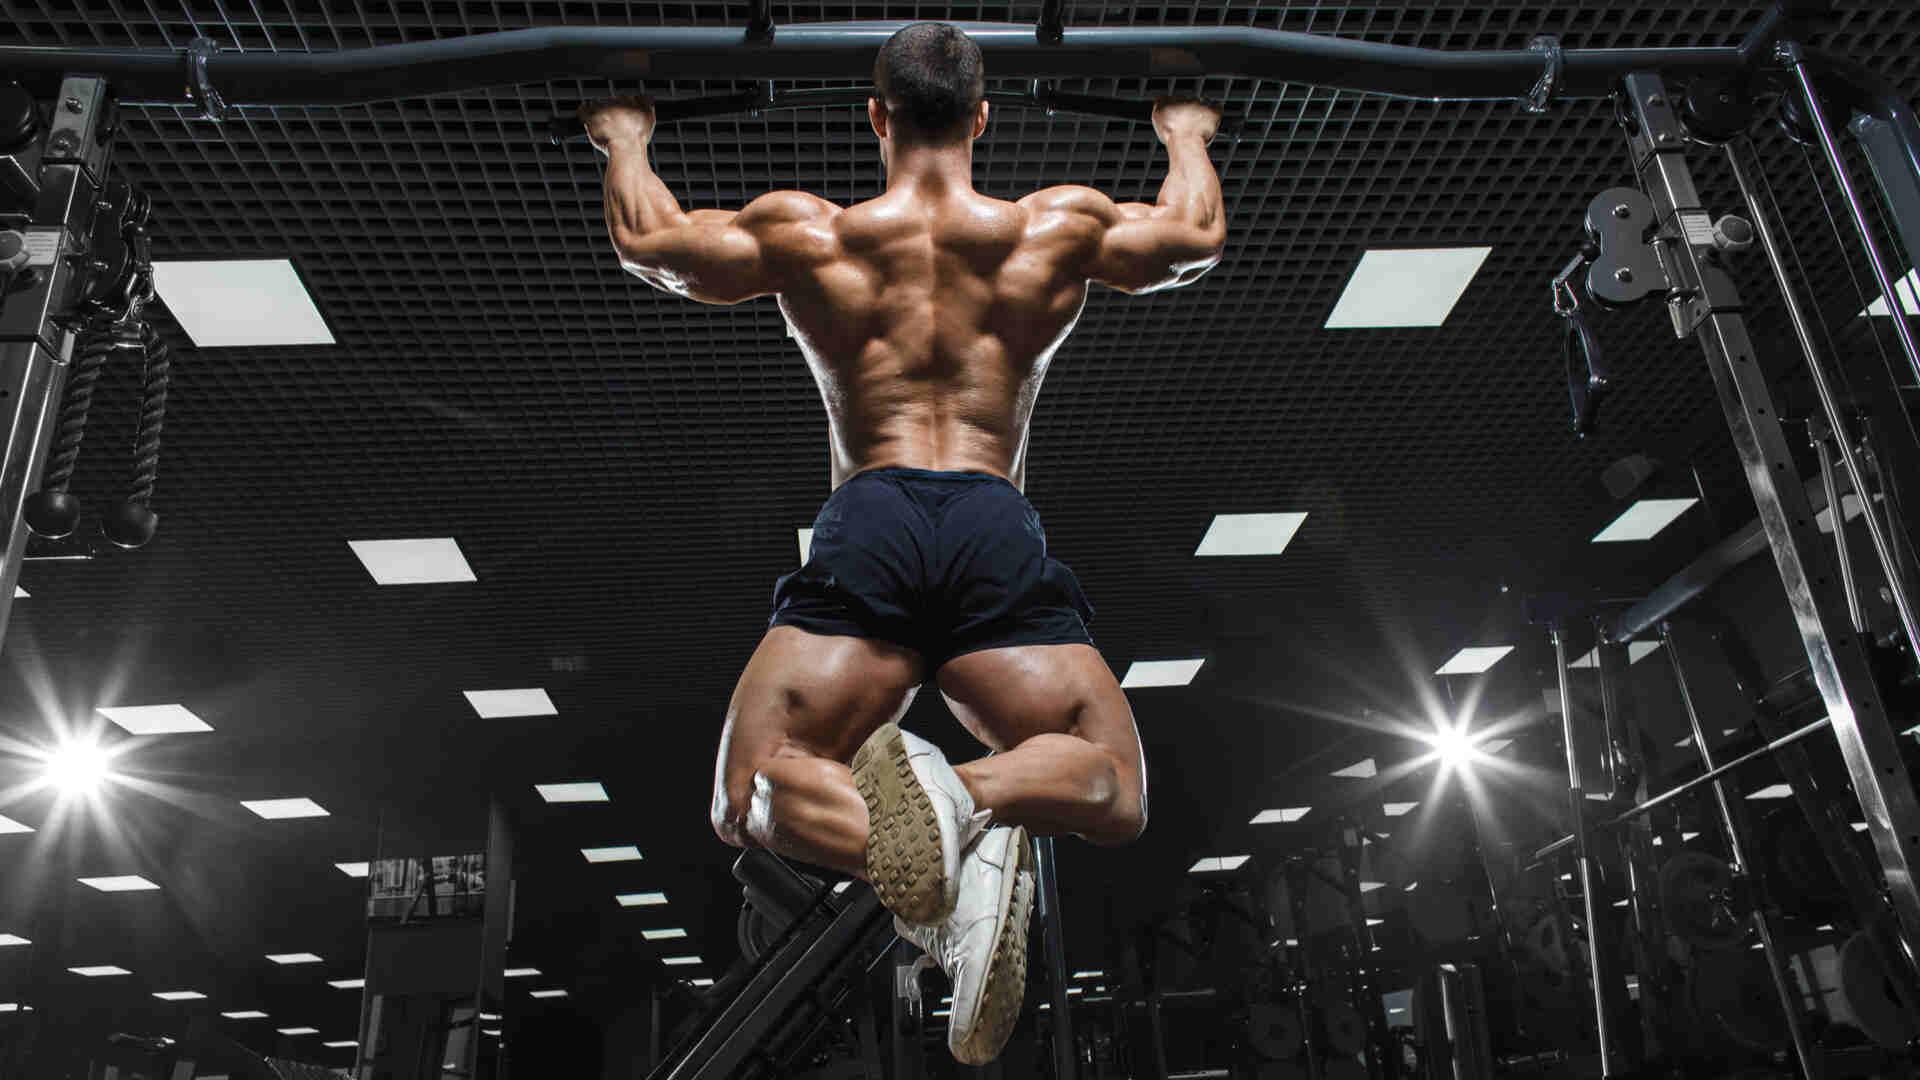 Homem caucasiano fazendo exercício de barra sem camisa em academia